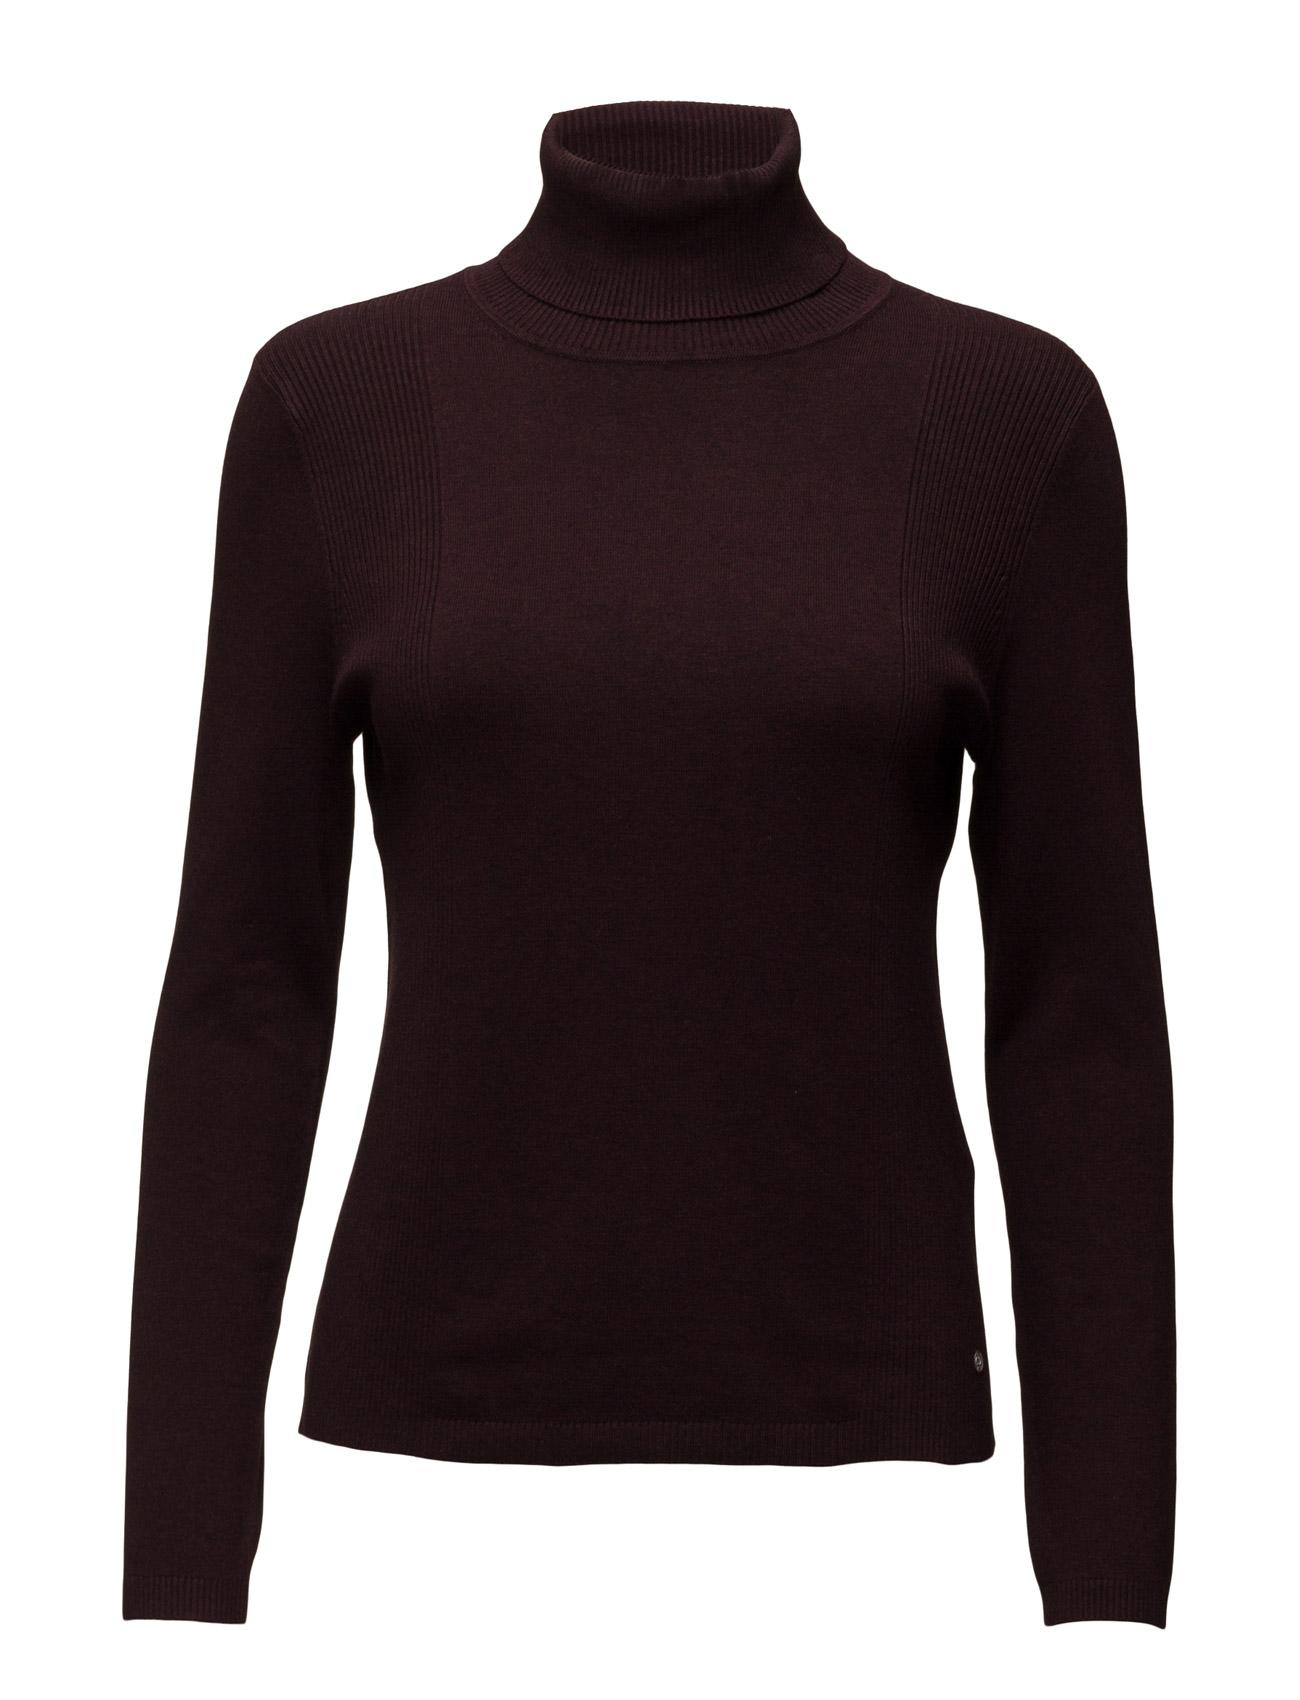 Pullover Long-Sleeve Gerry Weber Edition Højhalsede til Damer i